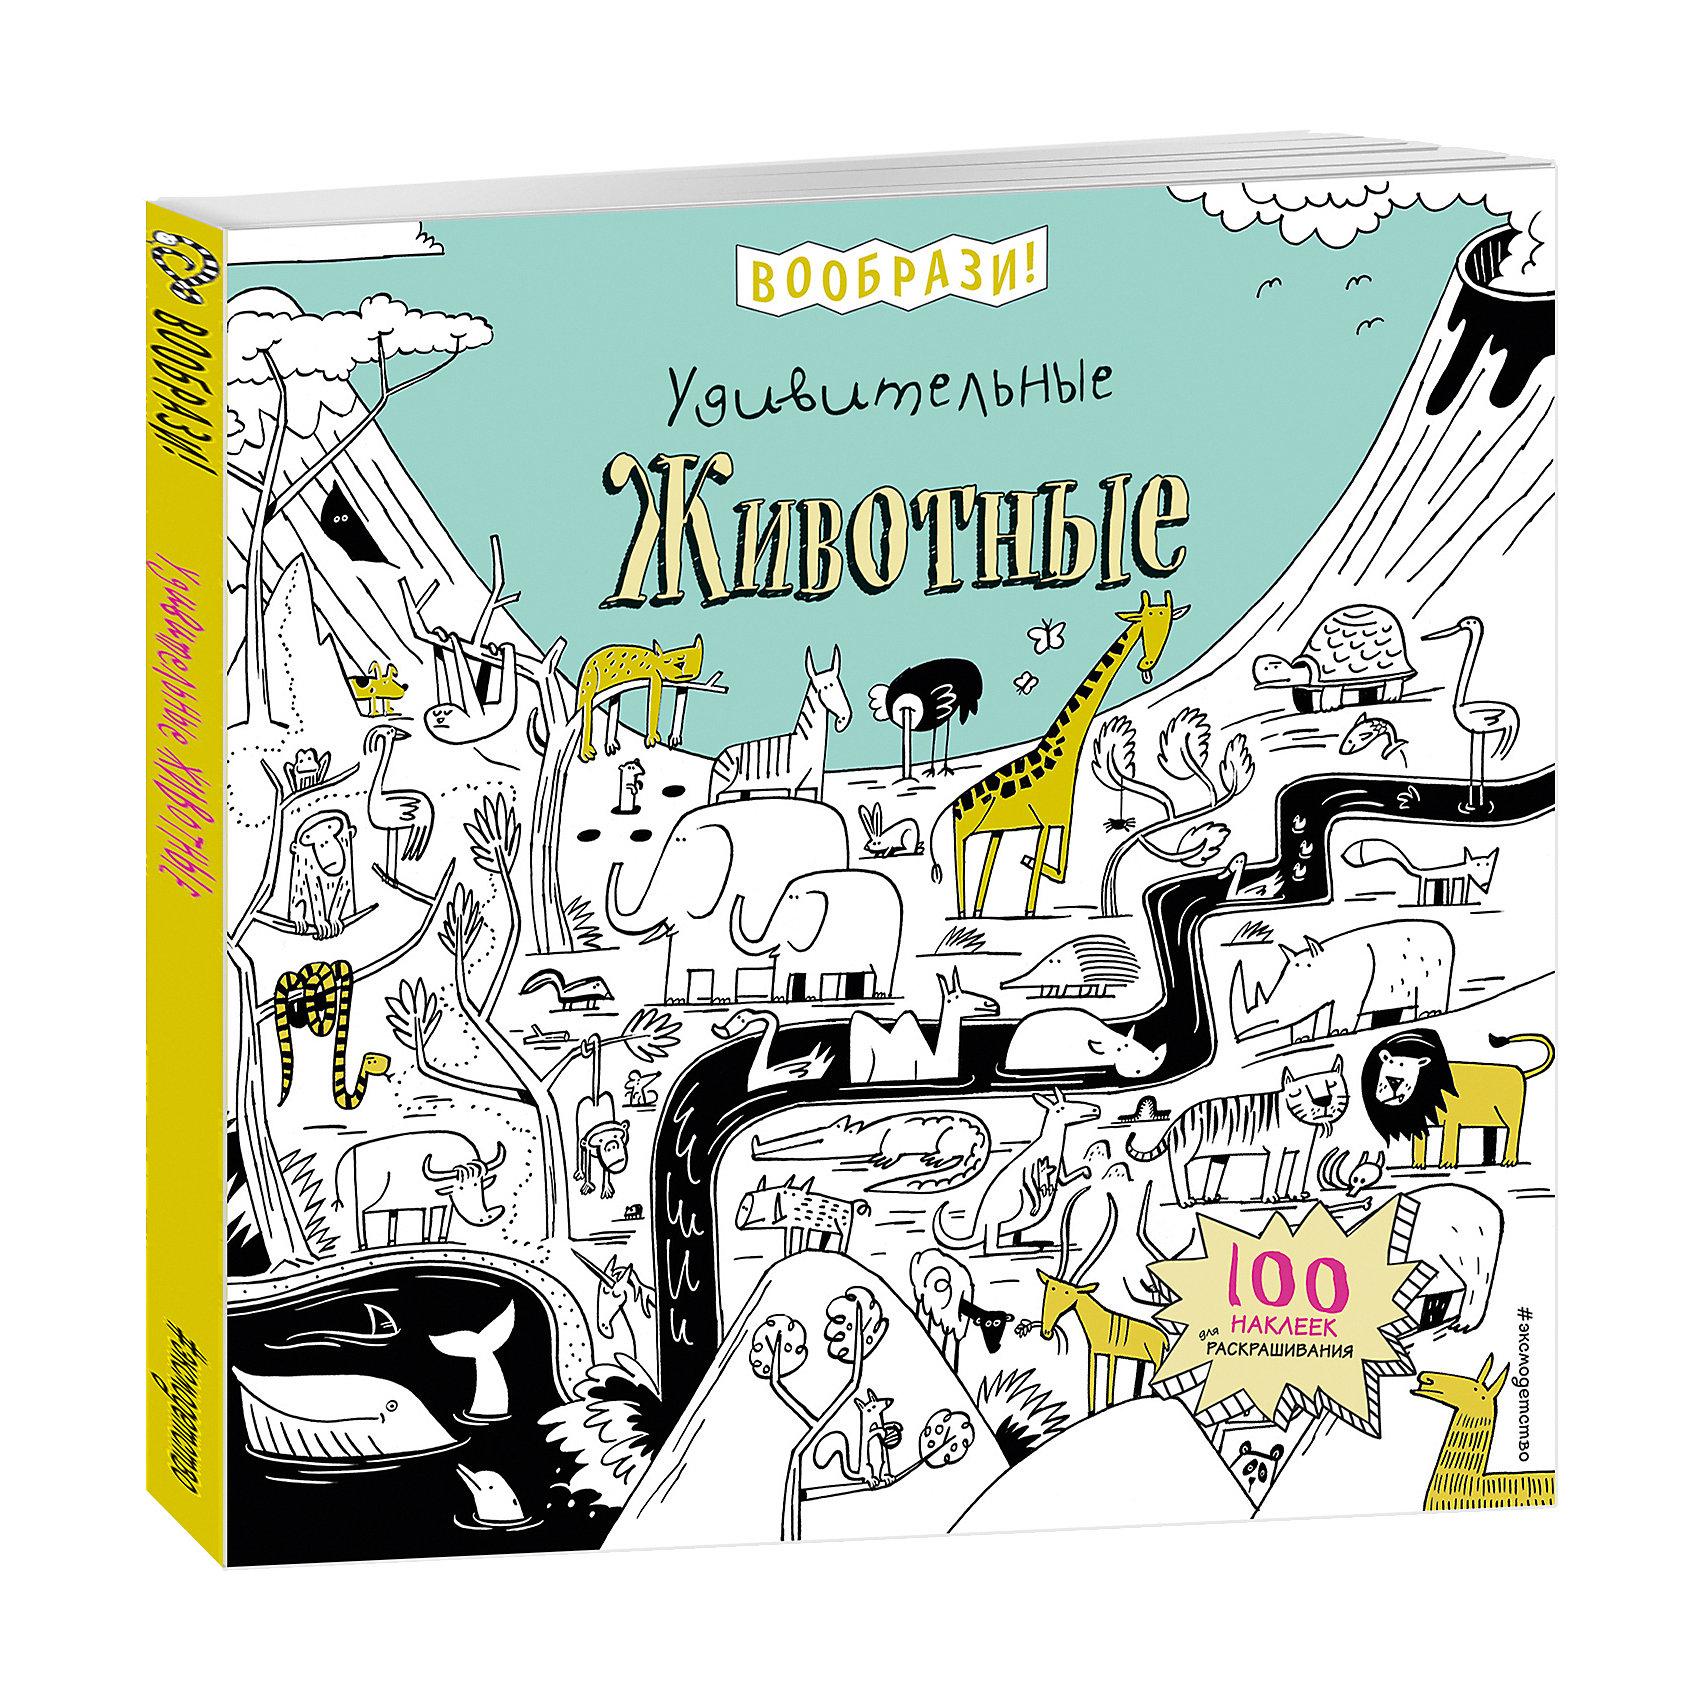 Удивительные животные + наклейки для раскрашиванияЭксмо<br>Характеристики товара: <br><br>• ISBN: 9785699877355<br>• возраст от: 3 лет<br>• формат: 84x108/12<br>• бумага: офсет<br>• обложка: мягкая<br>• серия: Вообрази!<br>• издательство: Эксмо<br>• иллюстрации: черно-белые<br>• автор: Волченко Юлия<br>• количество страниц: 64<br>• размеры: 26x26 см<br><br>Издание «Удивительные животные + наклейки для раскрашивания» поможет детям узнать больше о животных и местах их обитания. Это - книга-игра с наклейками.<br><br>Очень красивые иллюстрации, доступный язык, интересные факты и рассказы помогут ребенку узнать много нового, а также подстегнуть тягу к знаниям.<br><br>Книгу «Удивительные животные + наклейки для раскрашивания» можно купить в нашем интернет-магазине.<br><br>Ширина мм: 260<br>Глубина мм: 260<br>Высота мм: 80<br>Вес г: 306<br>Возраст от месяцев: 36<br>Возраст до месяцев: 168<br>Пол: Унисекс<br>Возраст: Детский<br>SKU: 5535221